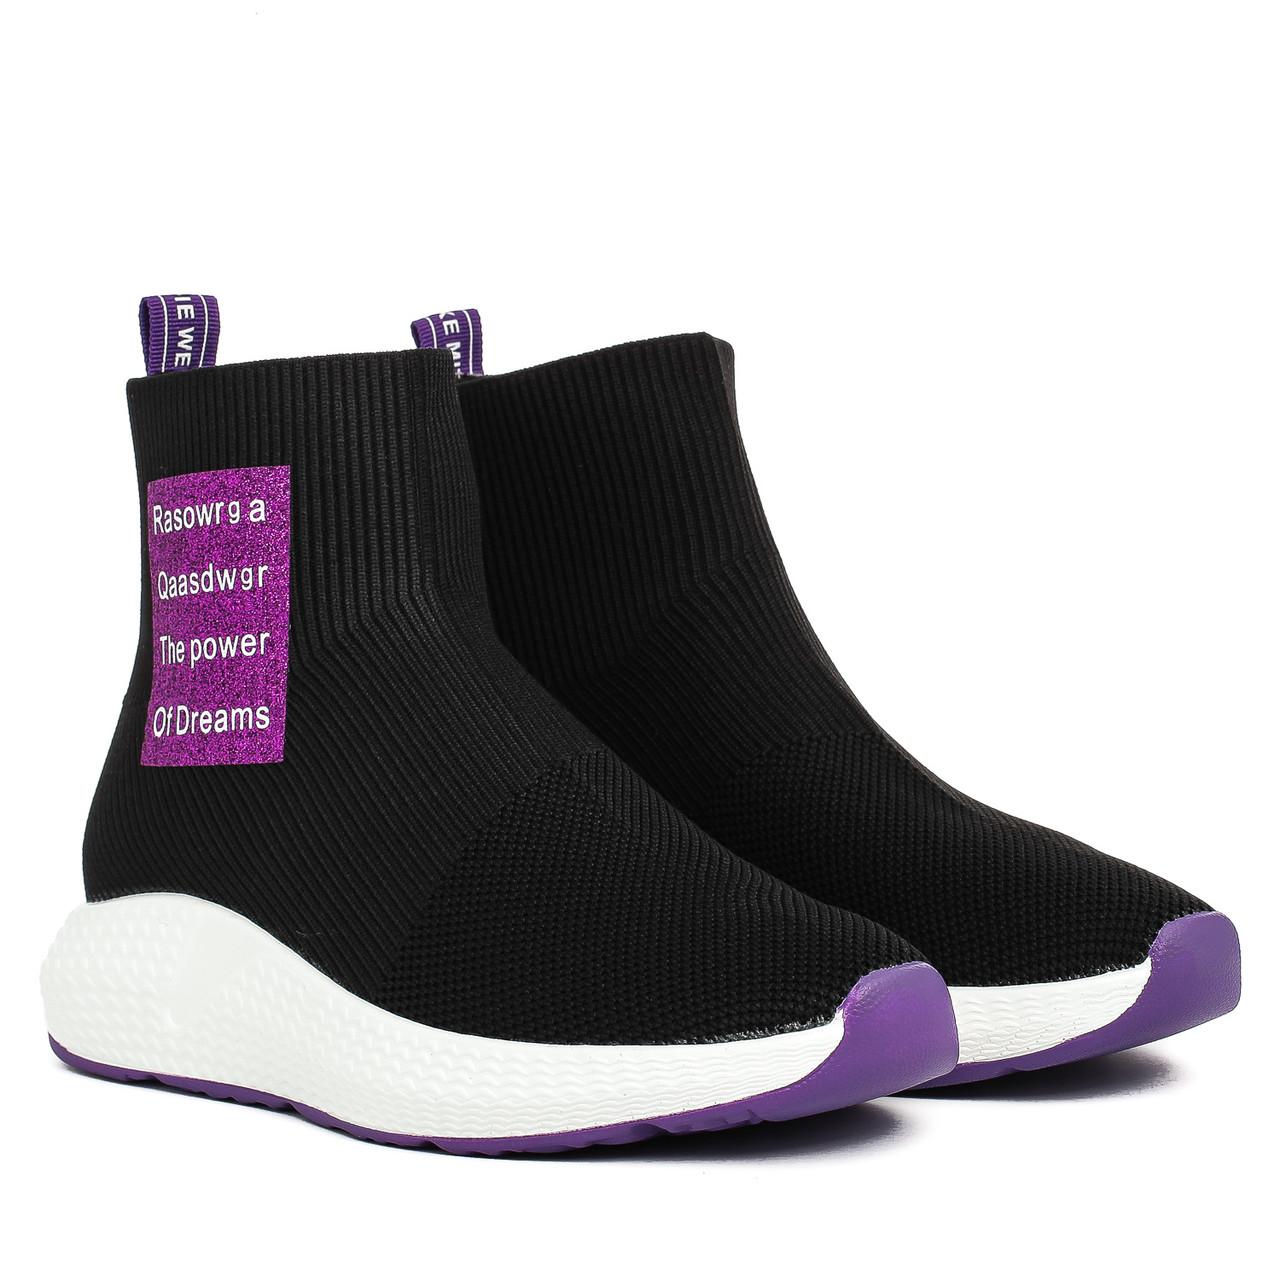 09b0e1b29fd4 Купить Кроссовки женские LIFEEXPERT (черного цвета, на белой подошве,  модные) недорого ...